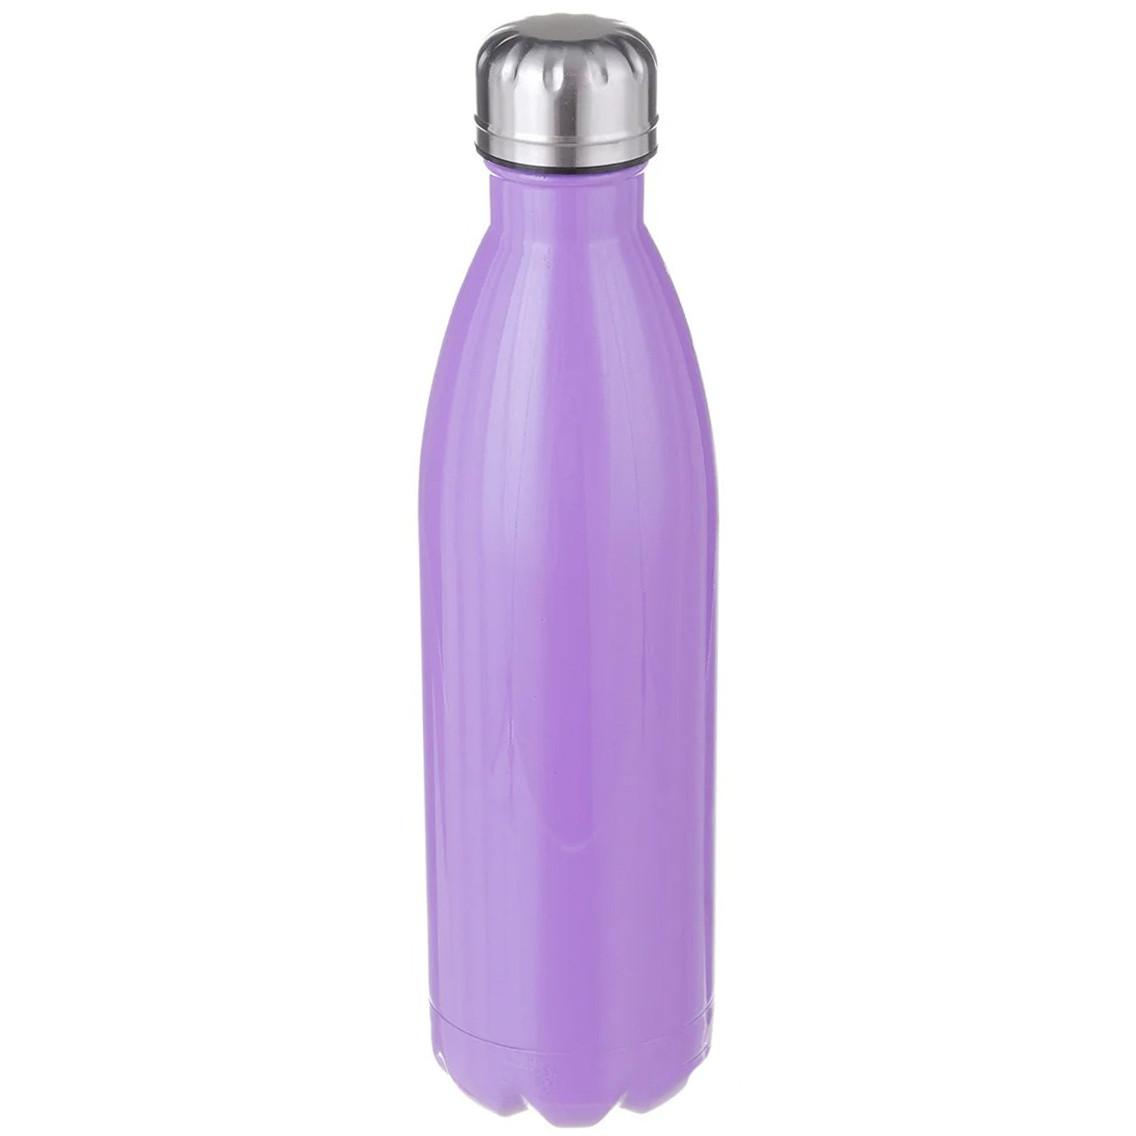 Термос бутылка питьевой A-PLUS 750 мл нержавеющая сталь